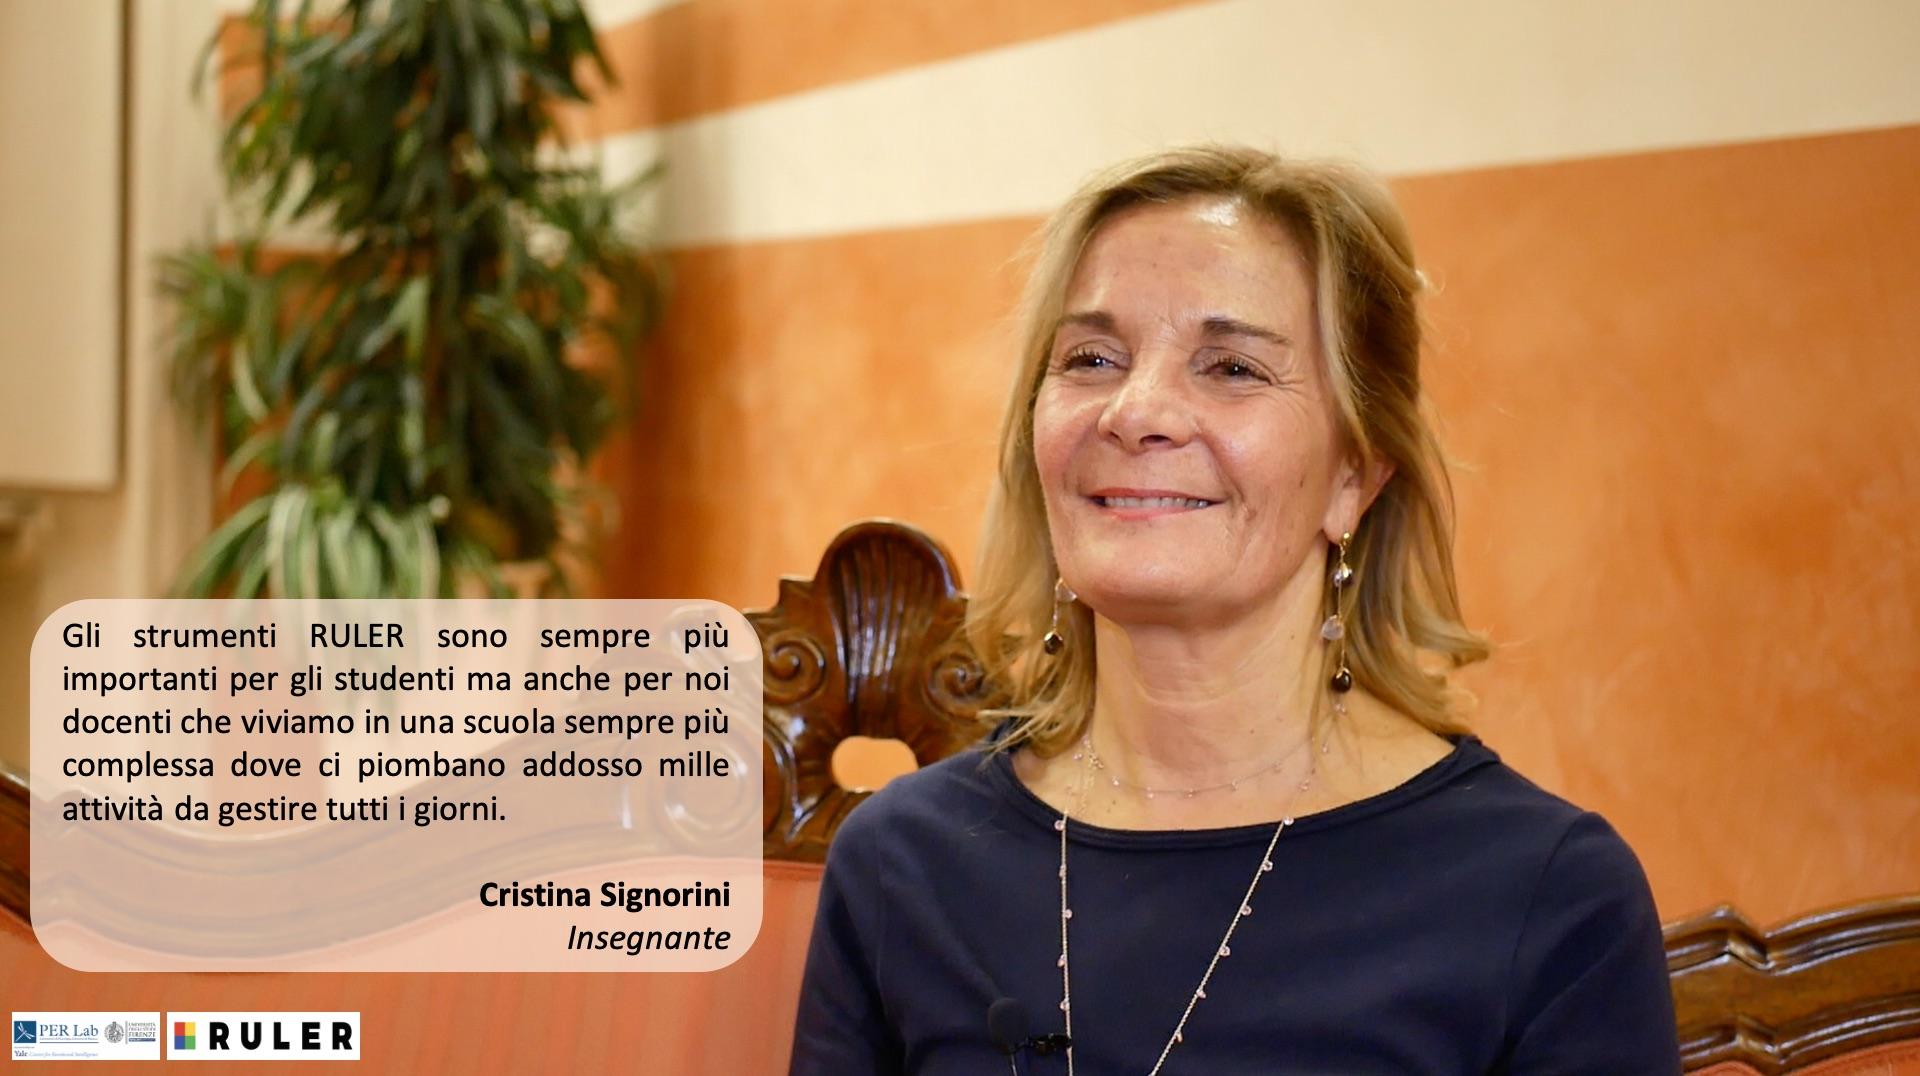 Cristina Signorini